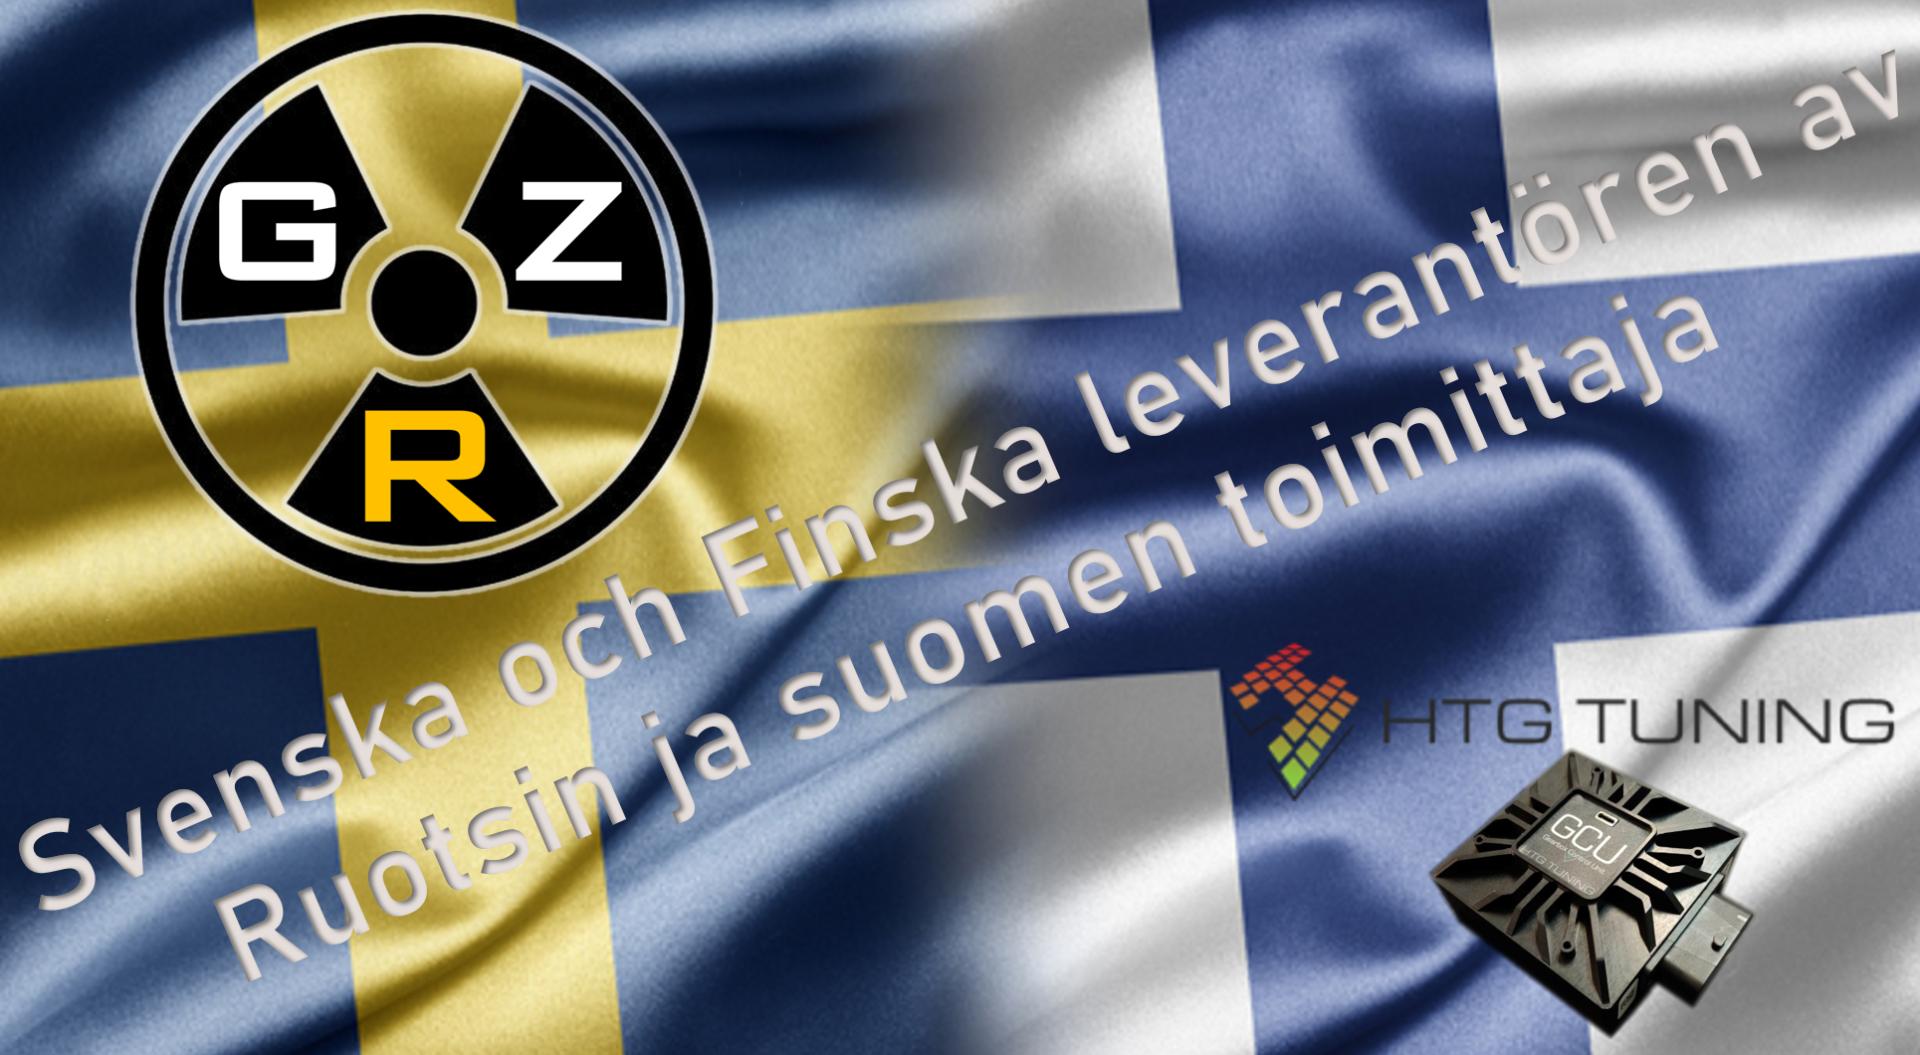 GZ Racing utökar sitt distributionsnätverk till Finland.